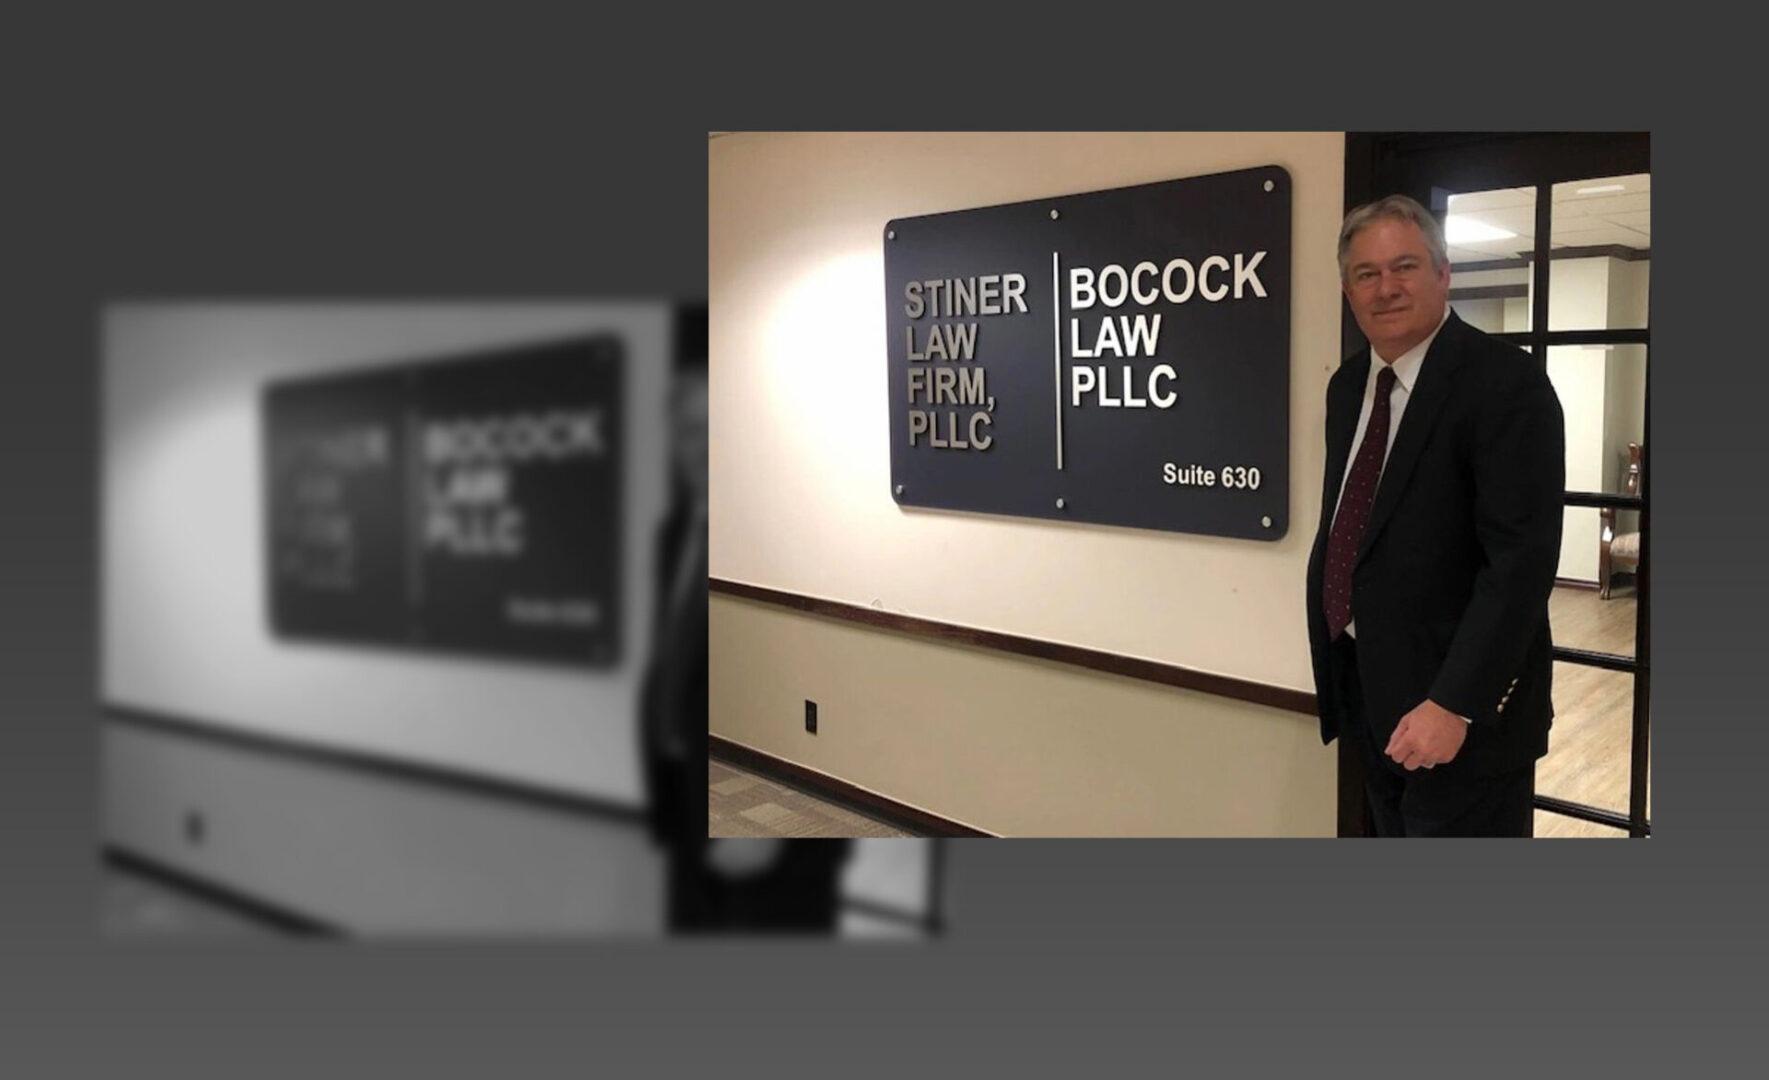 Bocock Law PLLC